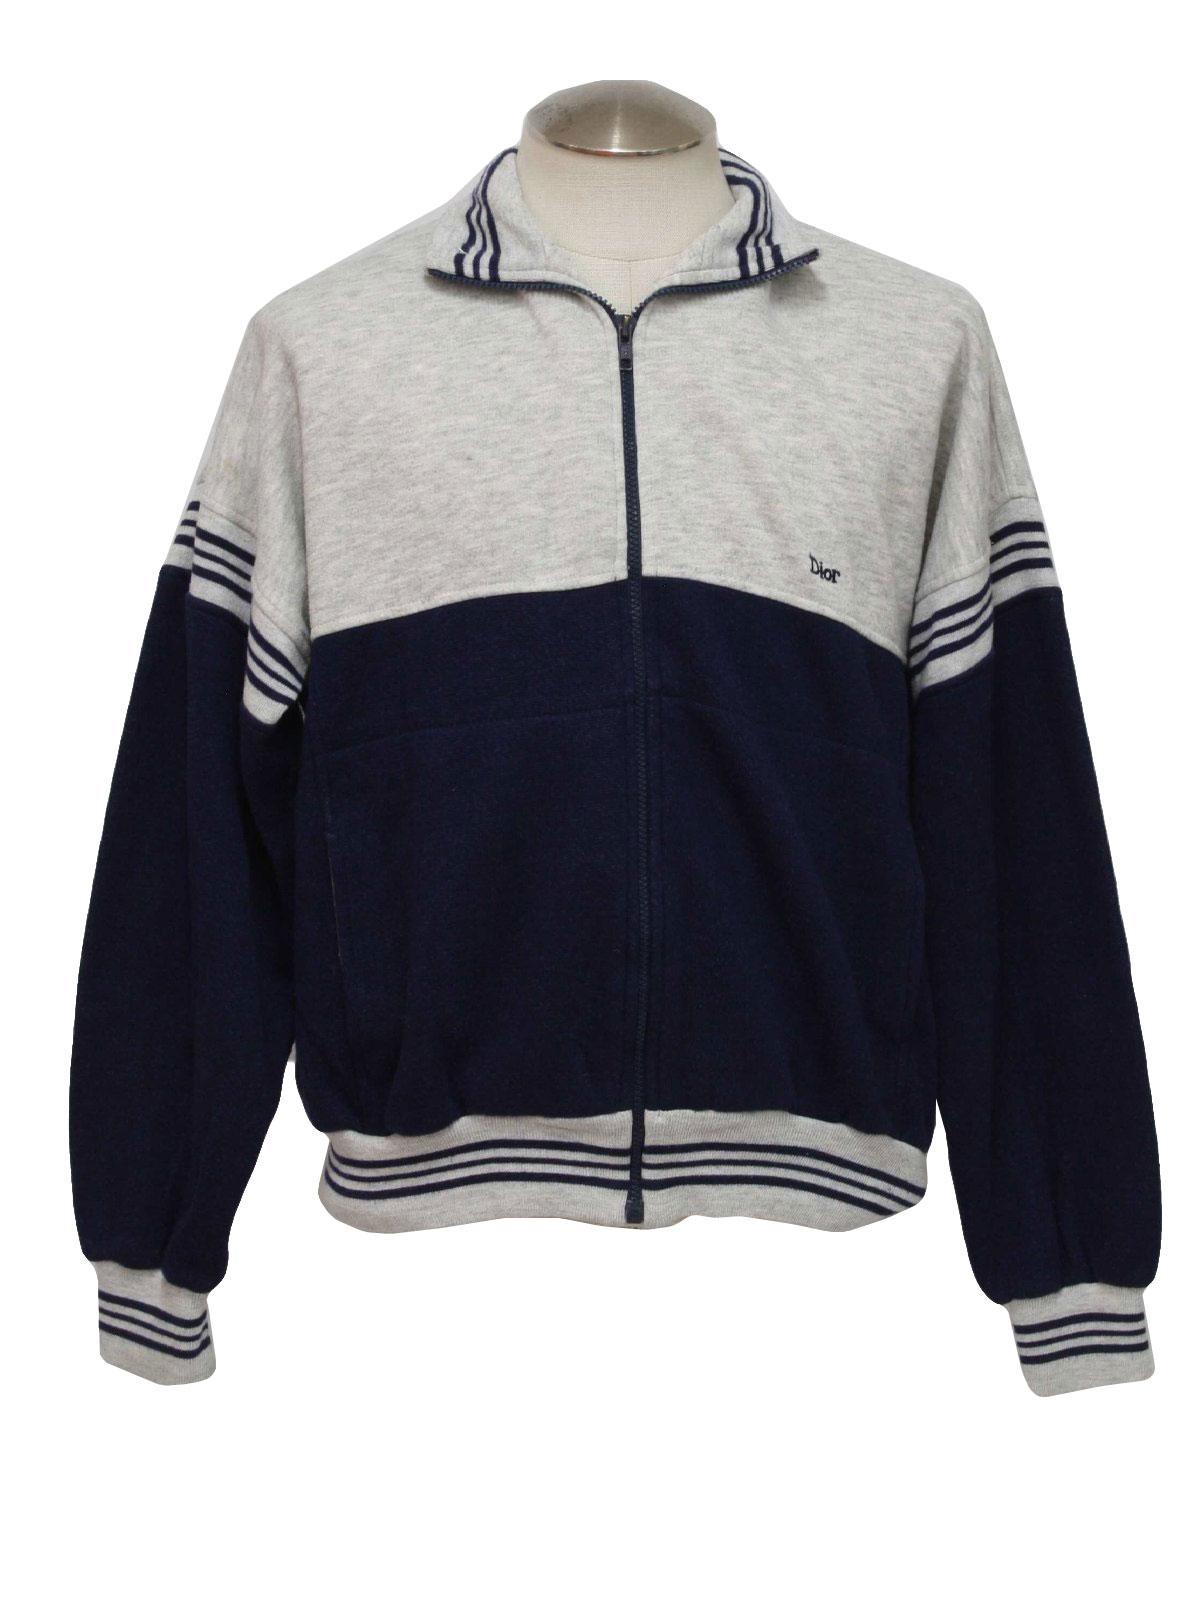 christian dior 80 u0026 39 s vintage jacket  80s